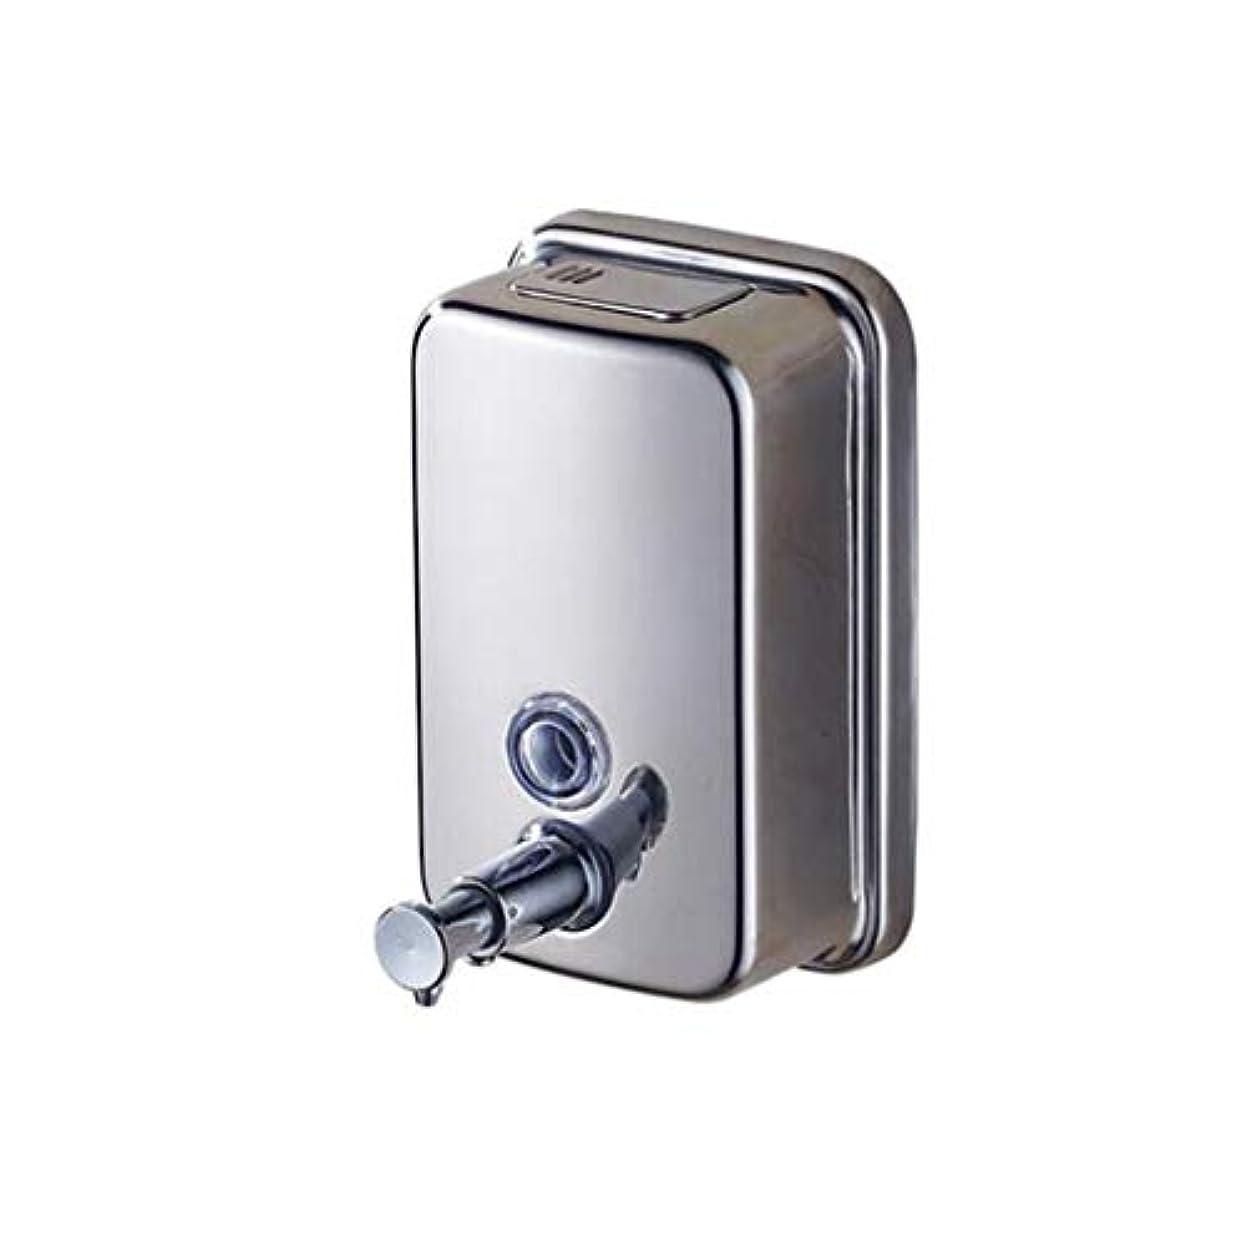 効能ある地域の保持Kylinssh 台所の流しおよび浴室のための単に壁に設置されたソープディスペンサー - ソープディスペンサーホルダー